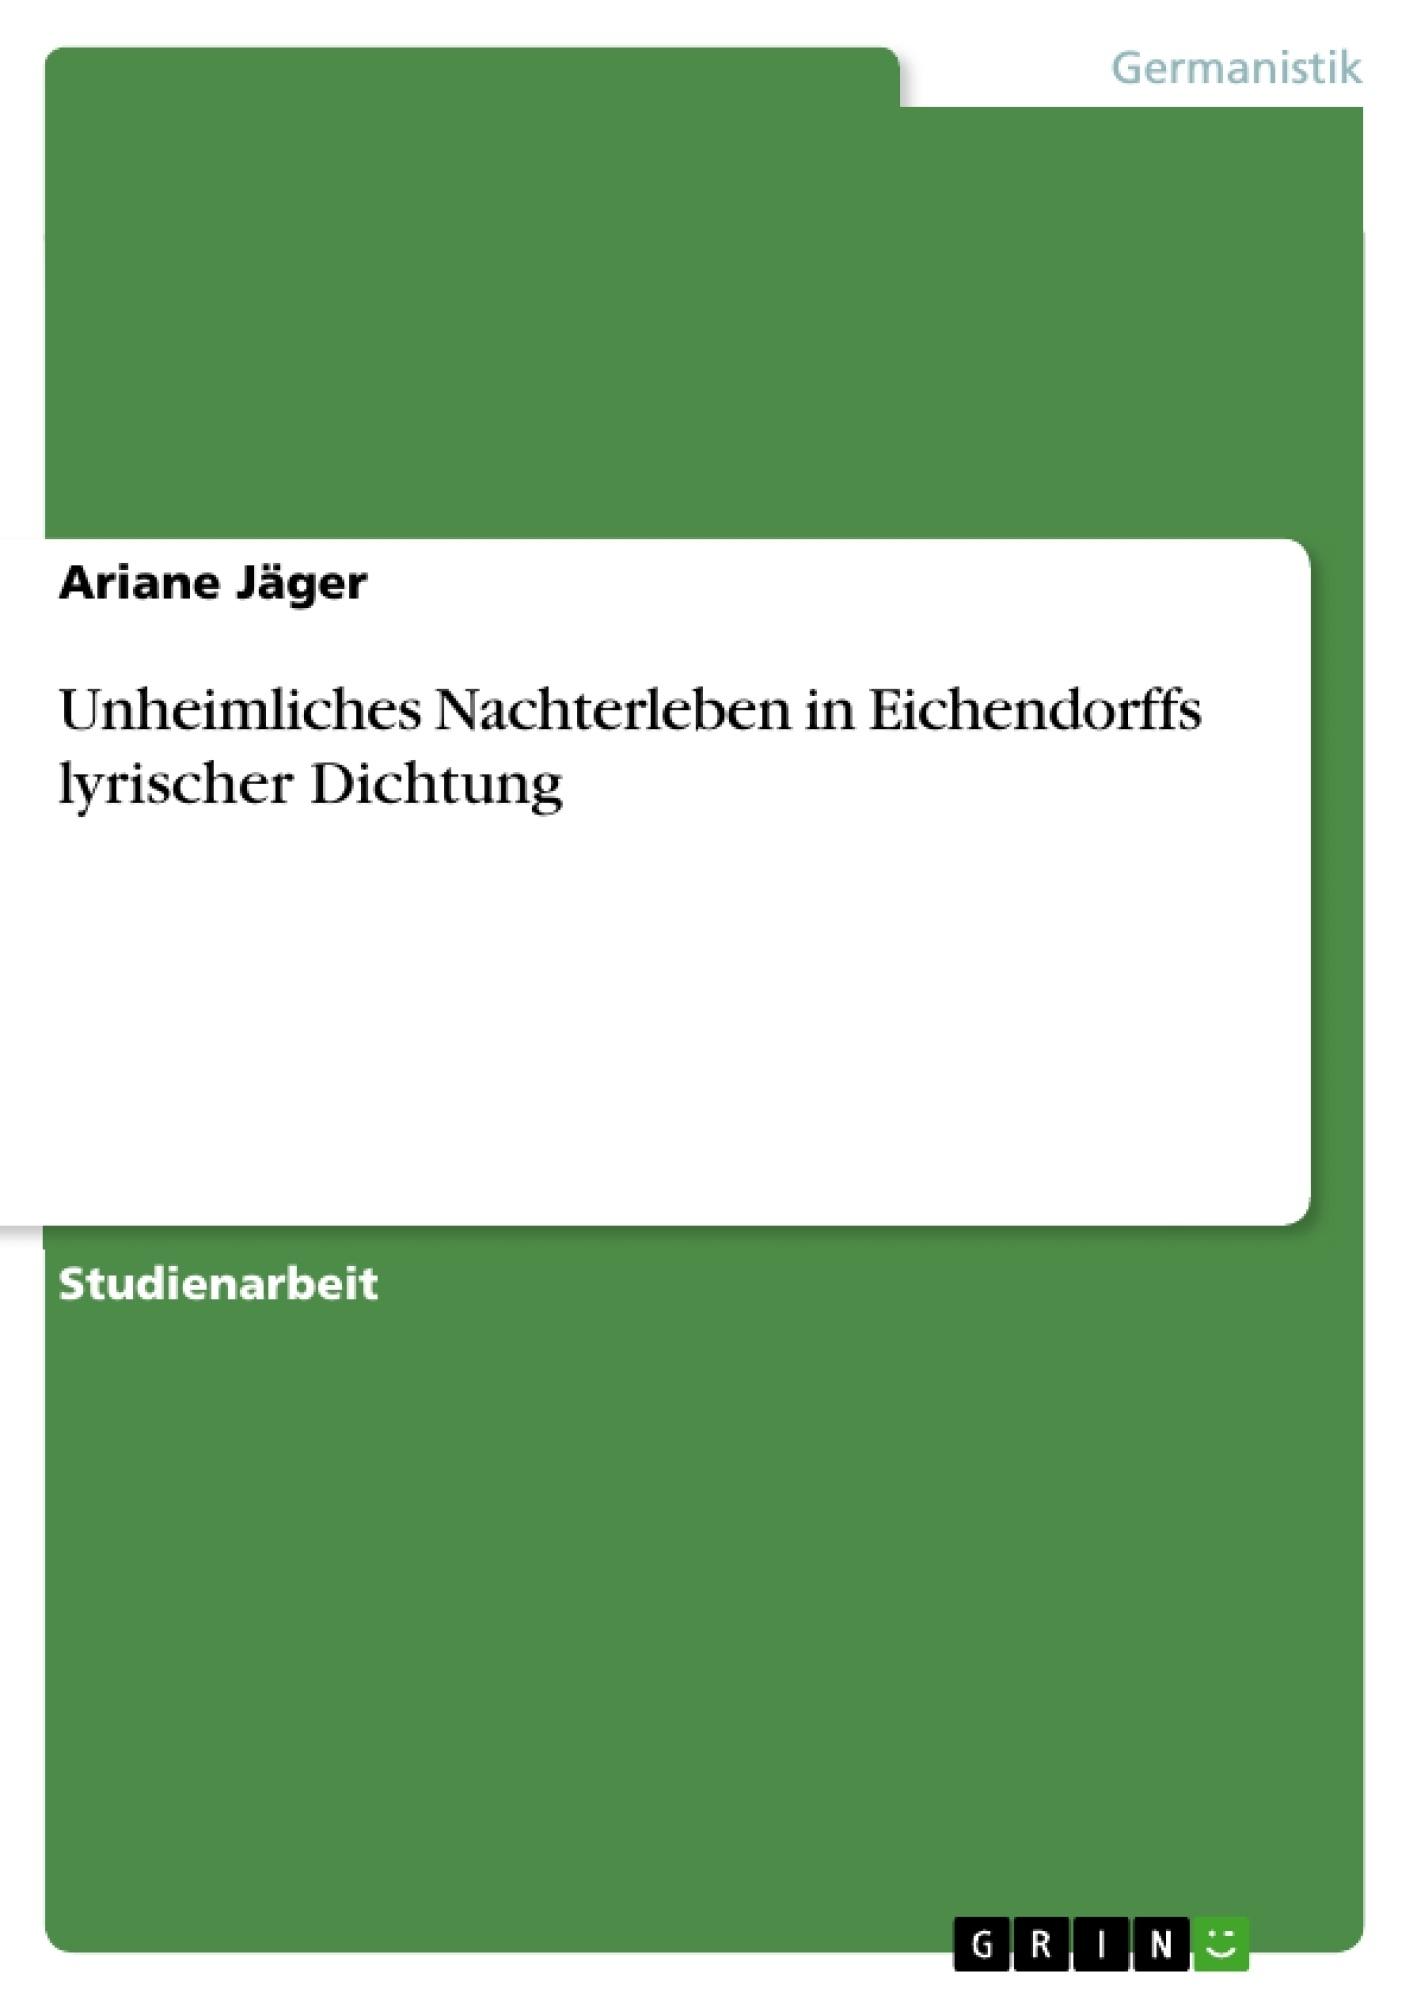 Titel: Unheimliches Nachterleben in Eichendorffs lyrischer Dichtung